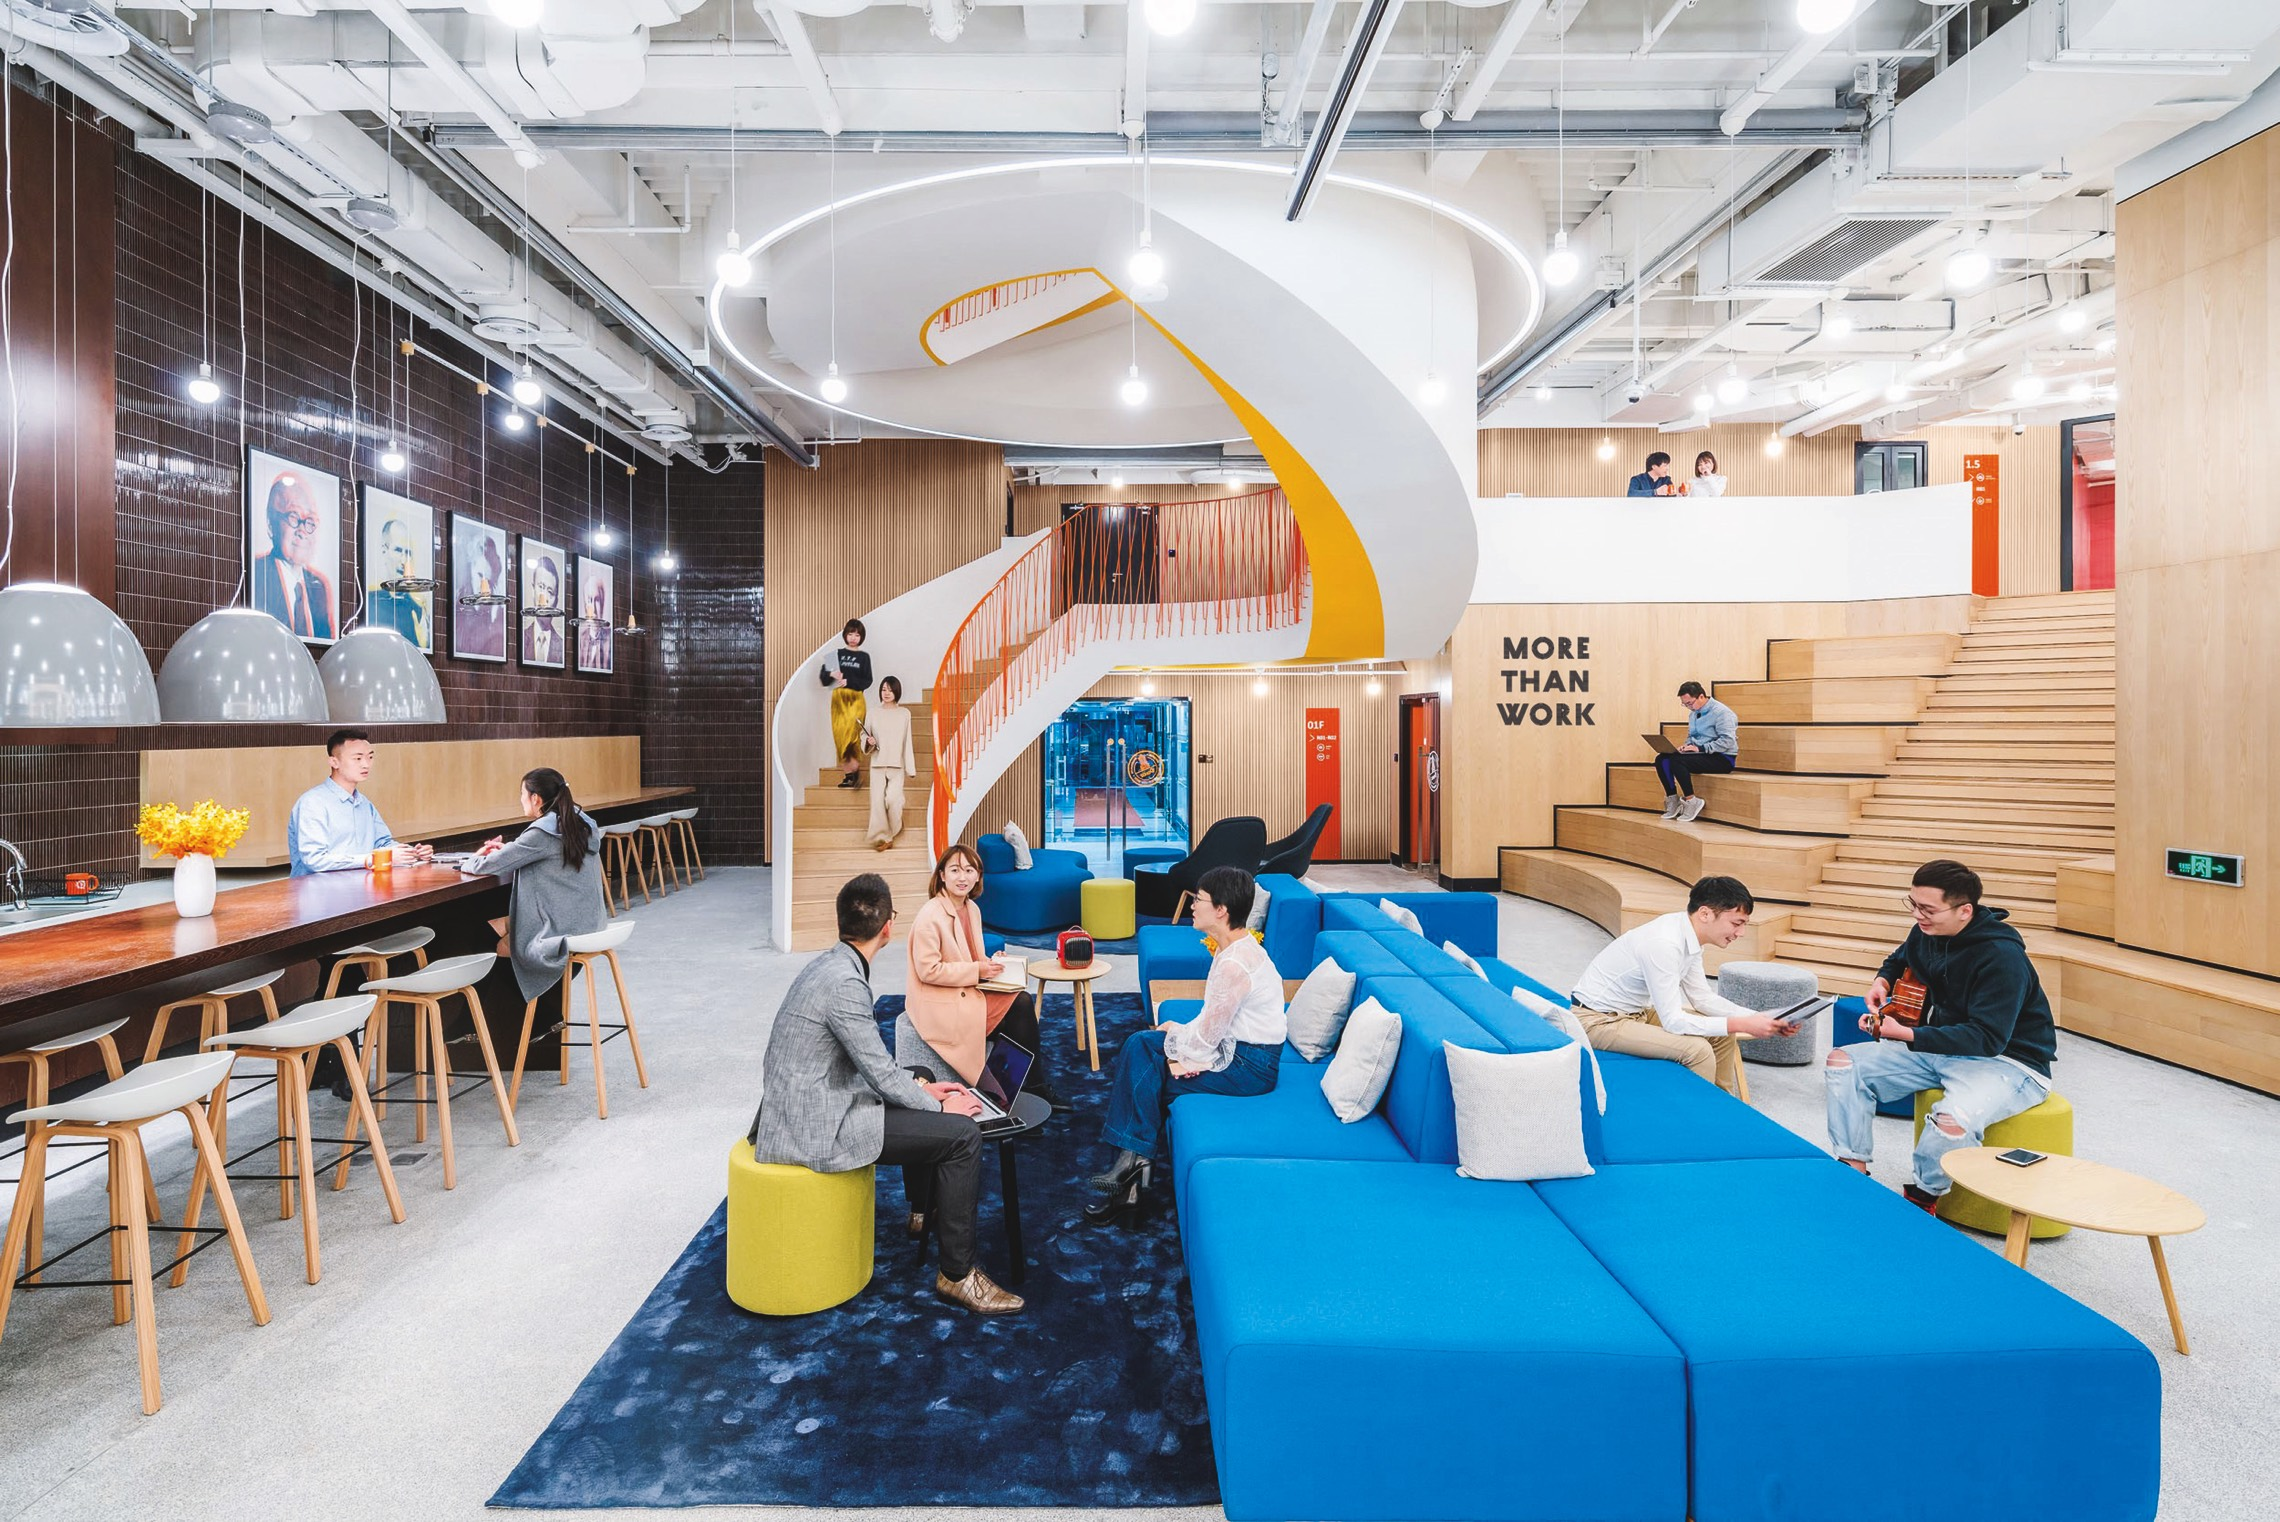 SOHO 3Q WuJiaoChang, Shanghai - Office Inspiration